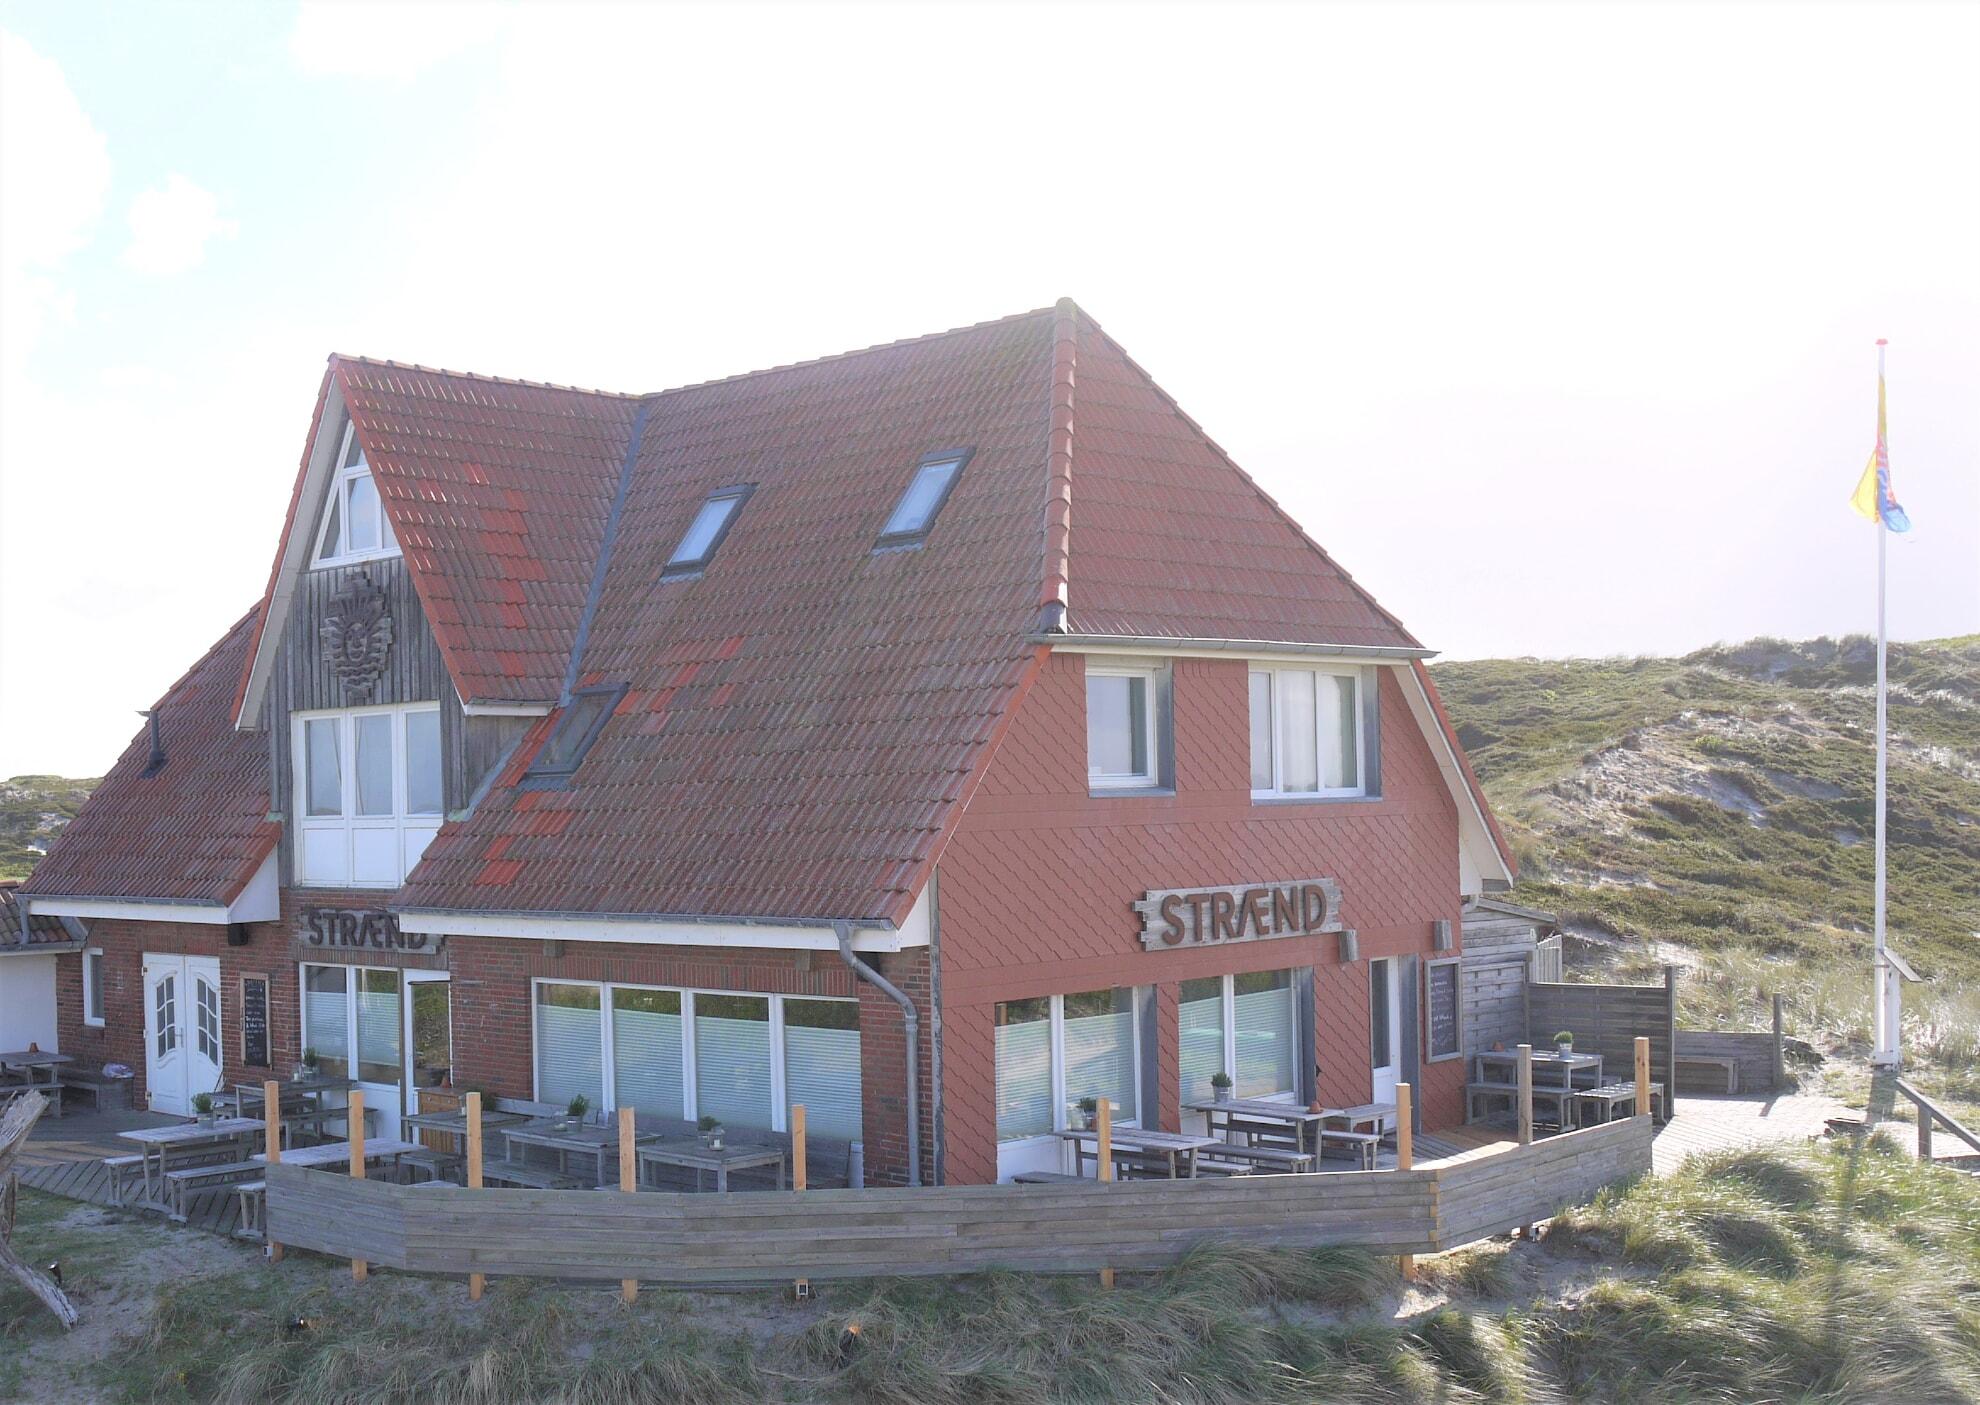 Restaurant Straend